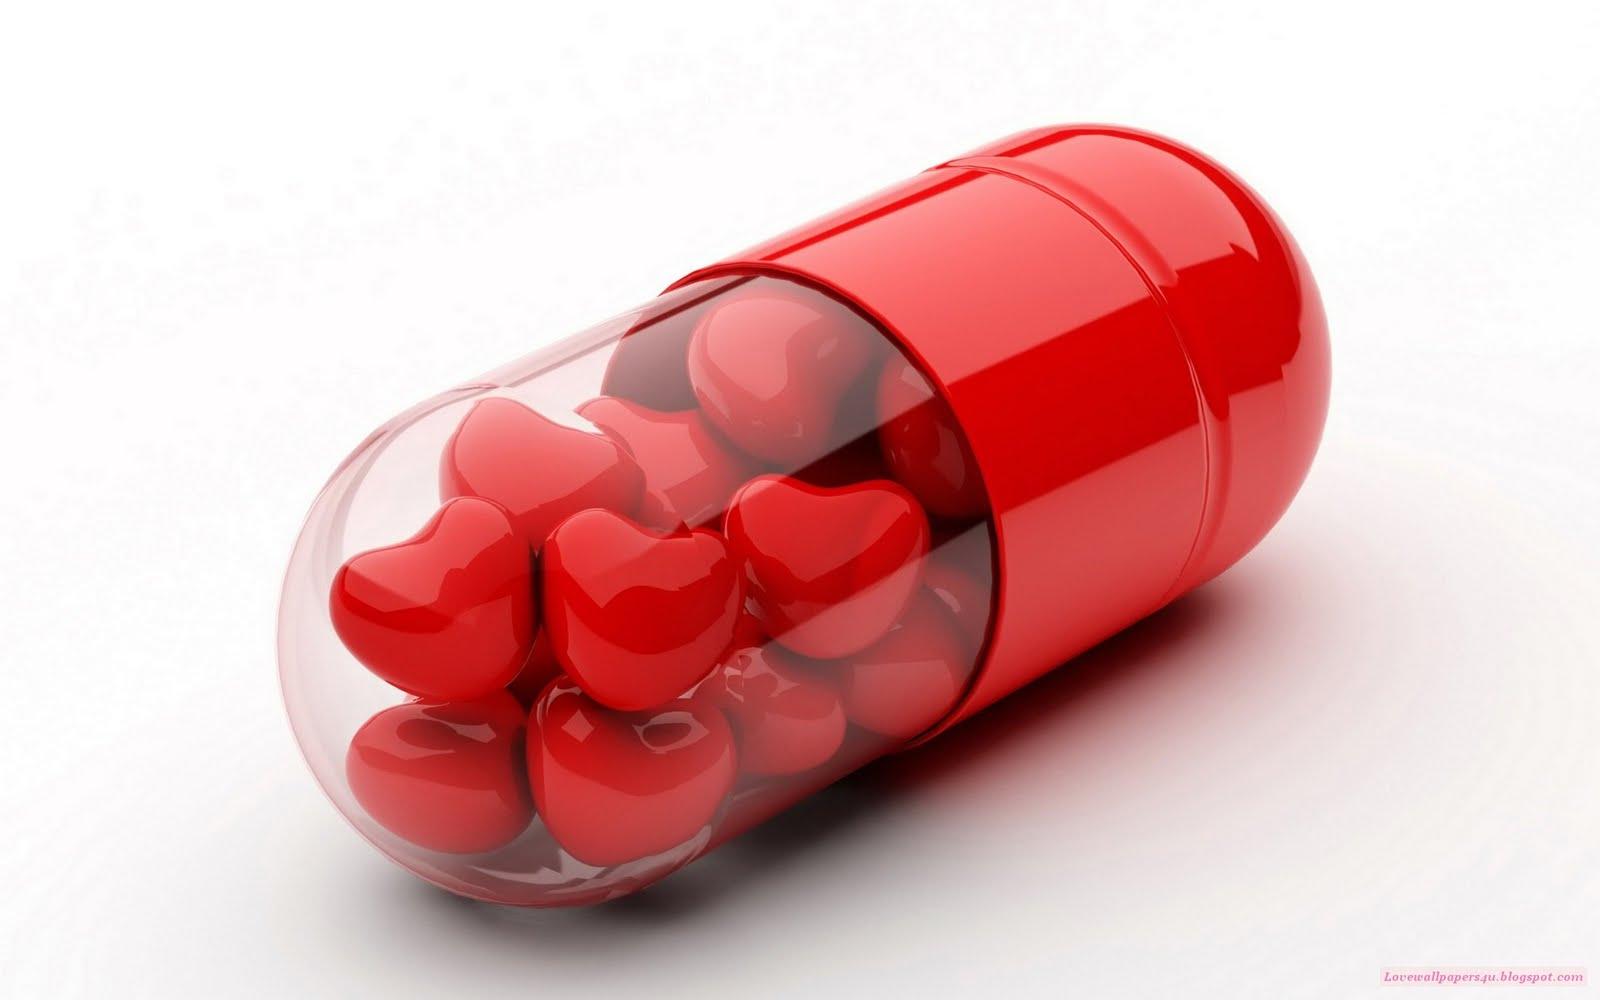 http://1.bp.blogspot.com/-v4xHdJ0OY14/Ti1Jzg_x8LI/AAAAAAAABOU/p4QLOwJOOJ0/s1600/love-pills_1920x1200.jpg